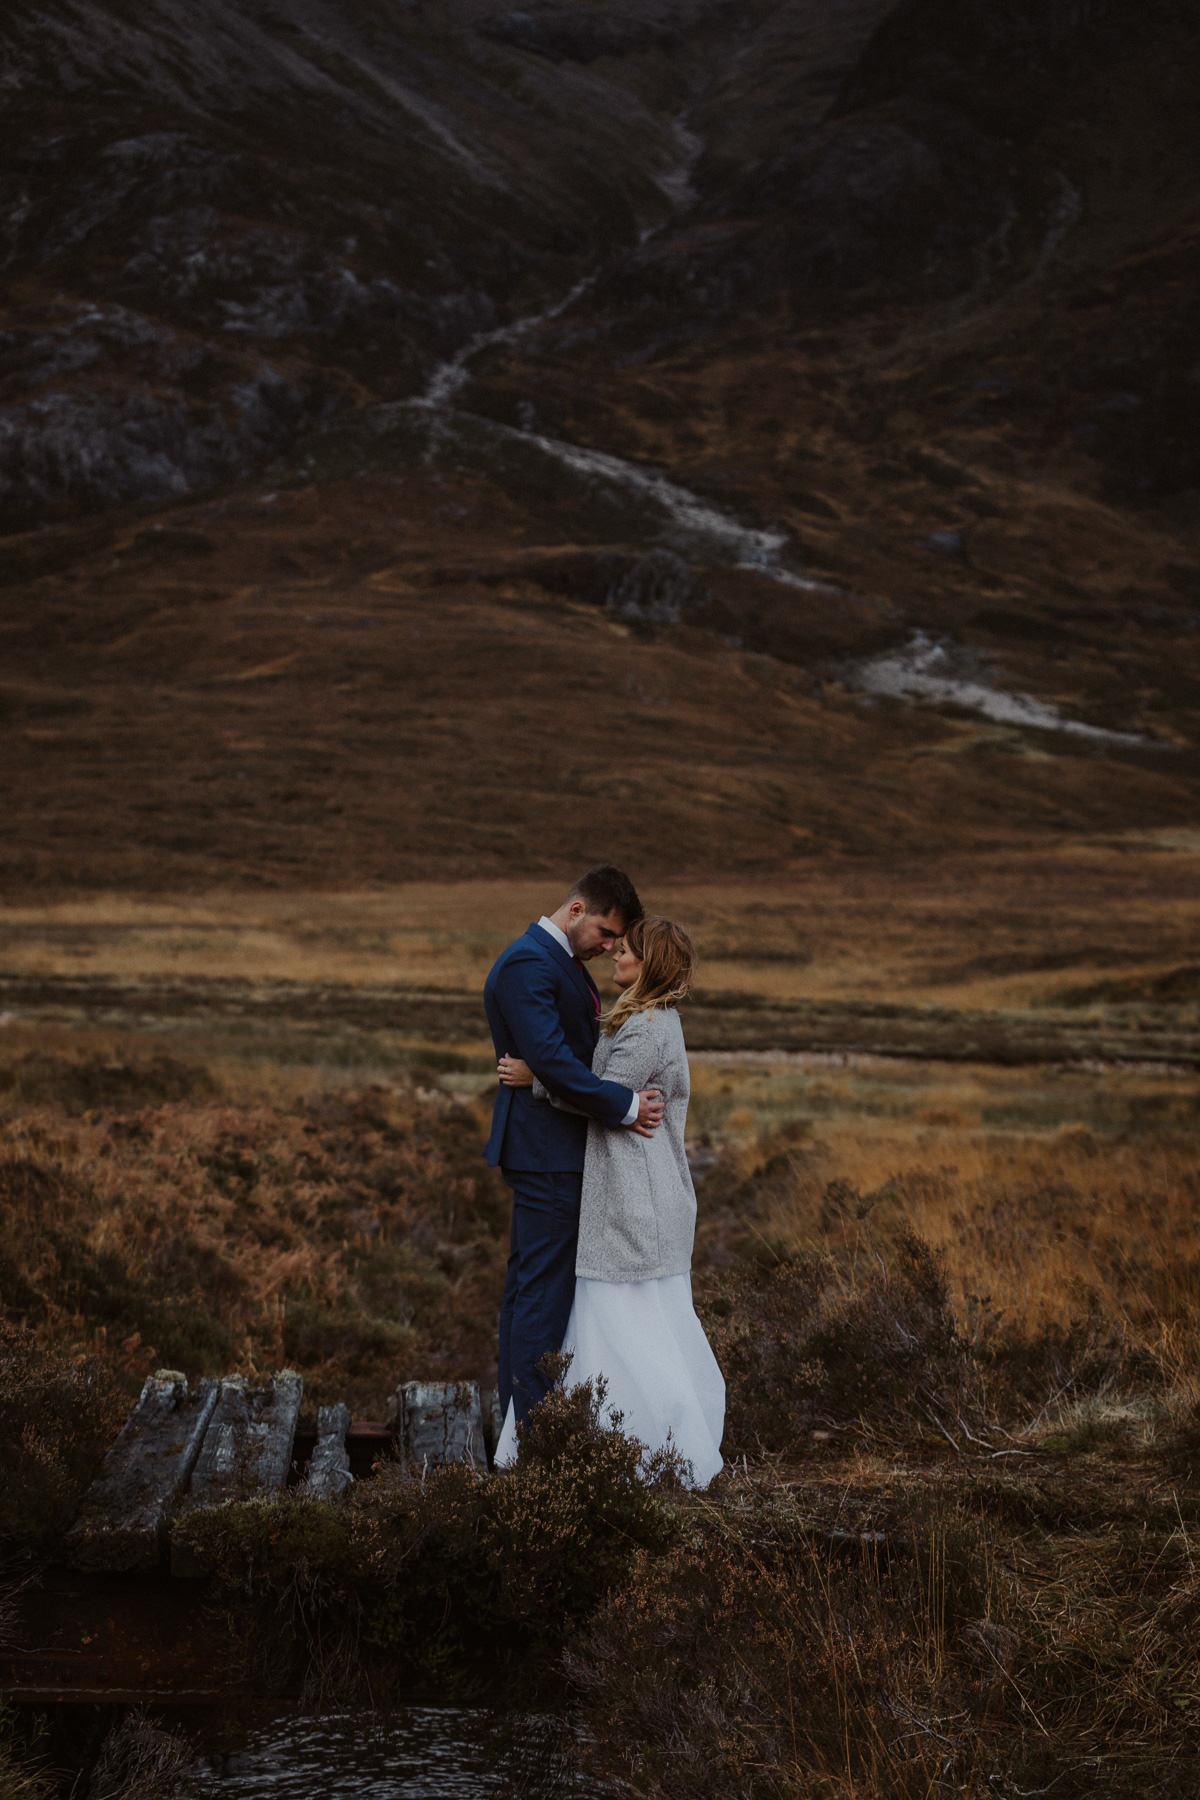 GLENCOE-blog-sesja-slubna-plener-szkocja-elopement-wedding-session_20181104_11-48-11_IMG_4827 Glencoe plener ślubny - sesja ślubna w Szkocji - love story Scotland